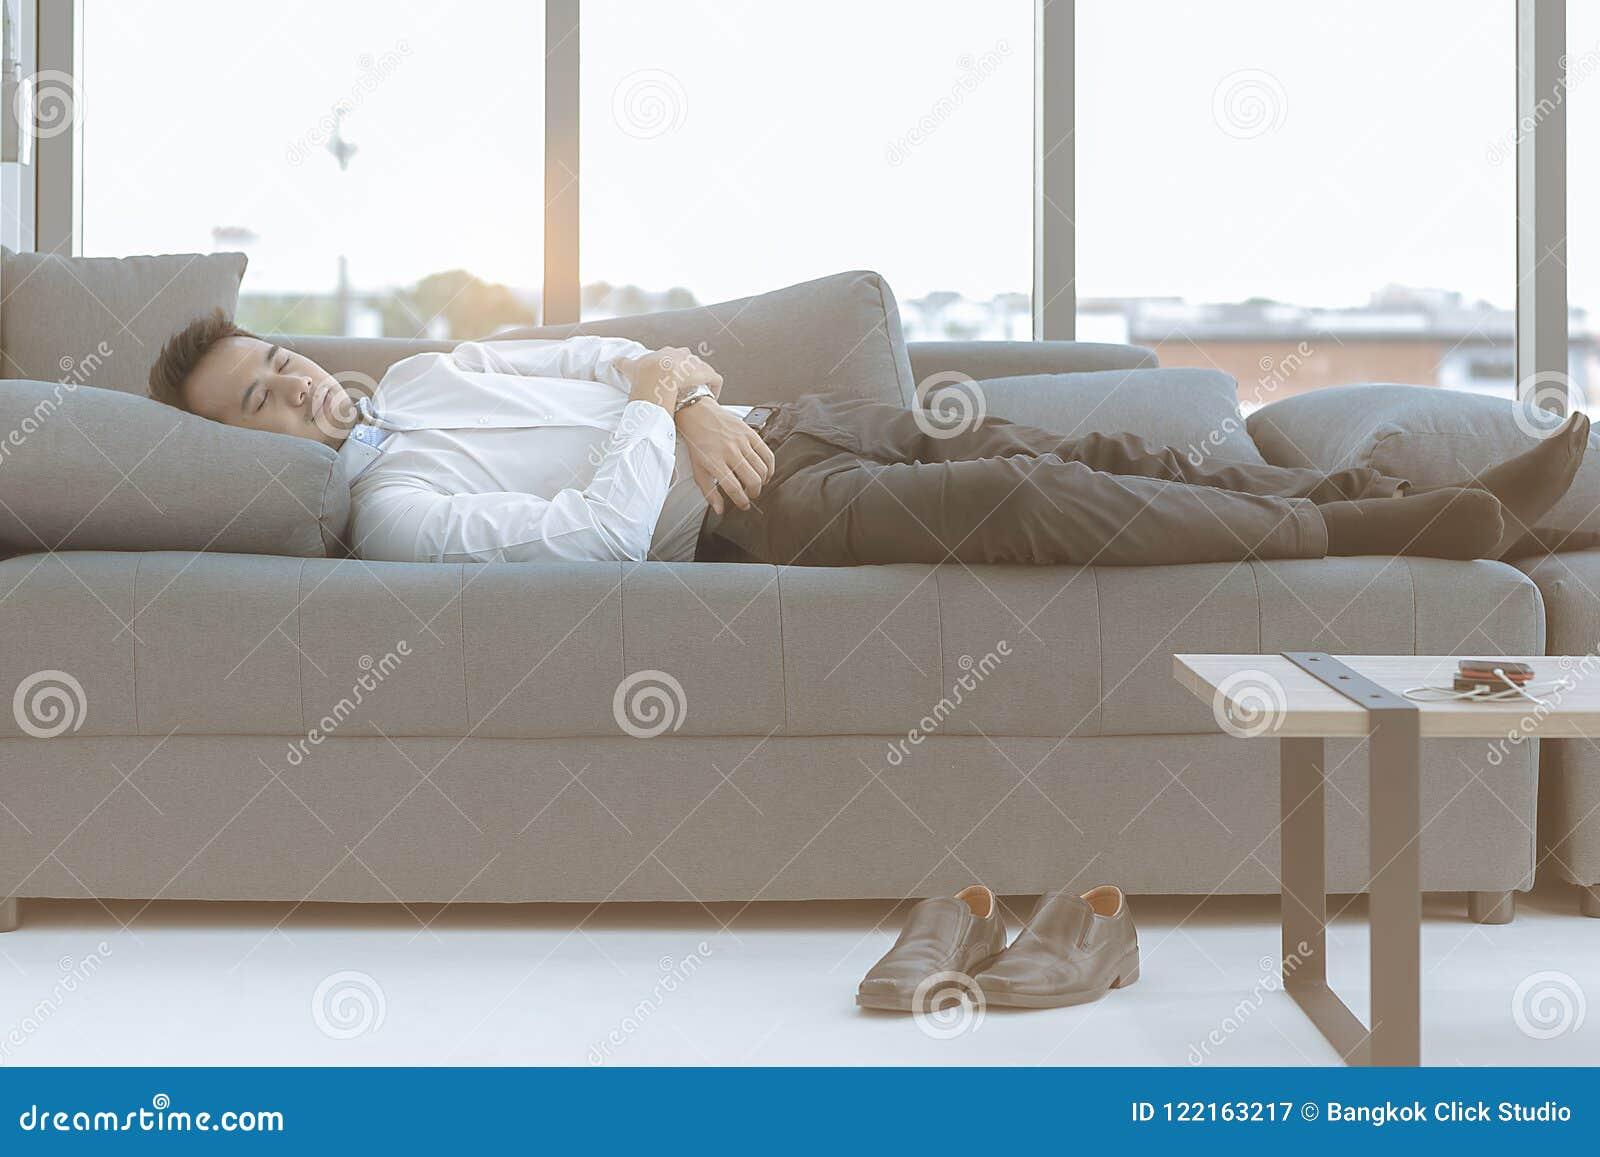 El hombre joven dormía en un sofá grande comfortablemente en luxur